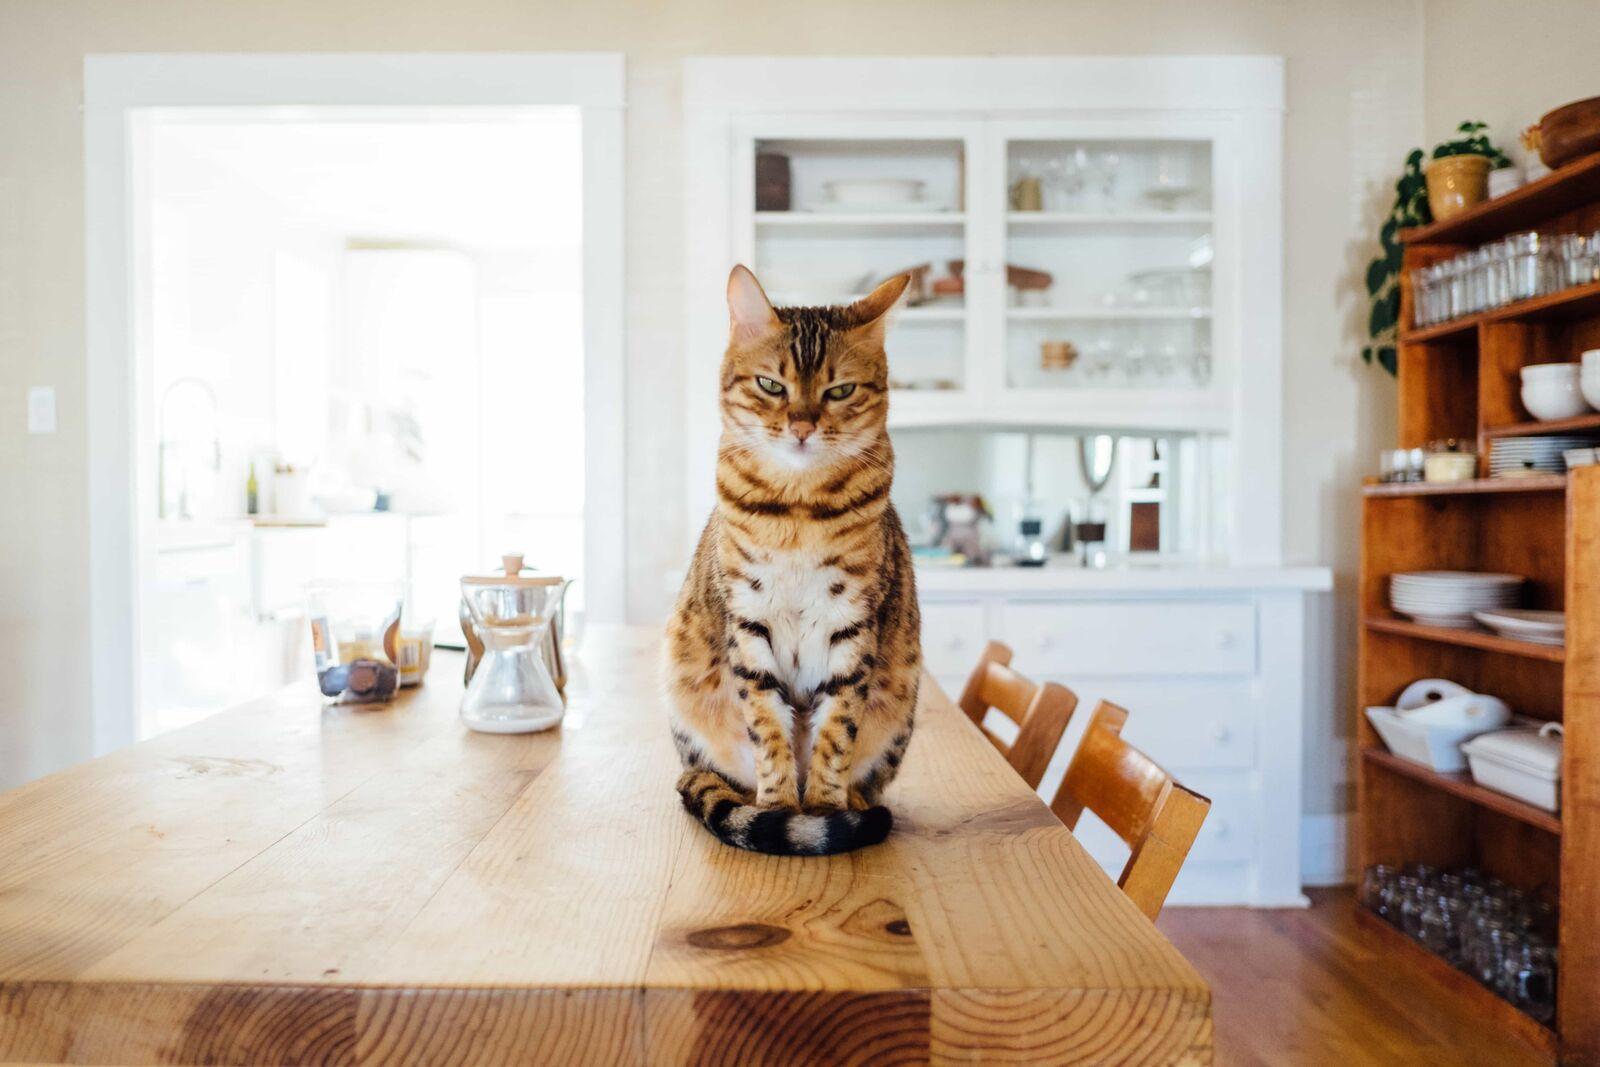 Un chat est assis sur la table dans une cuisine lumineuse, avec un grand buffet blanc et une étagère en bois